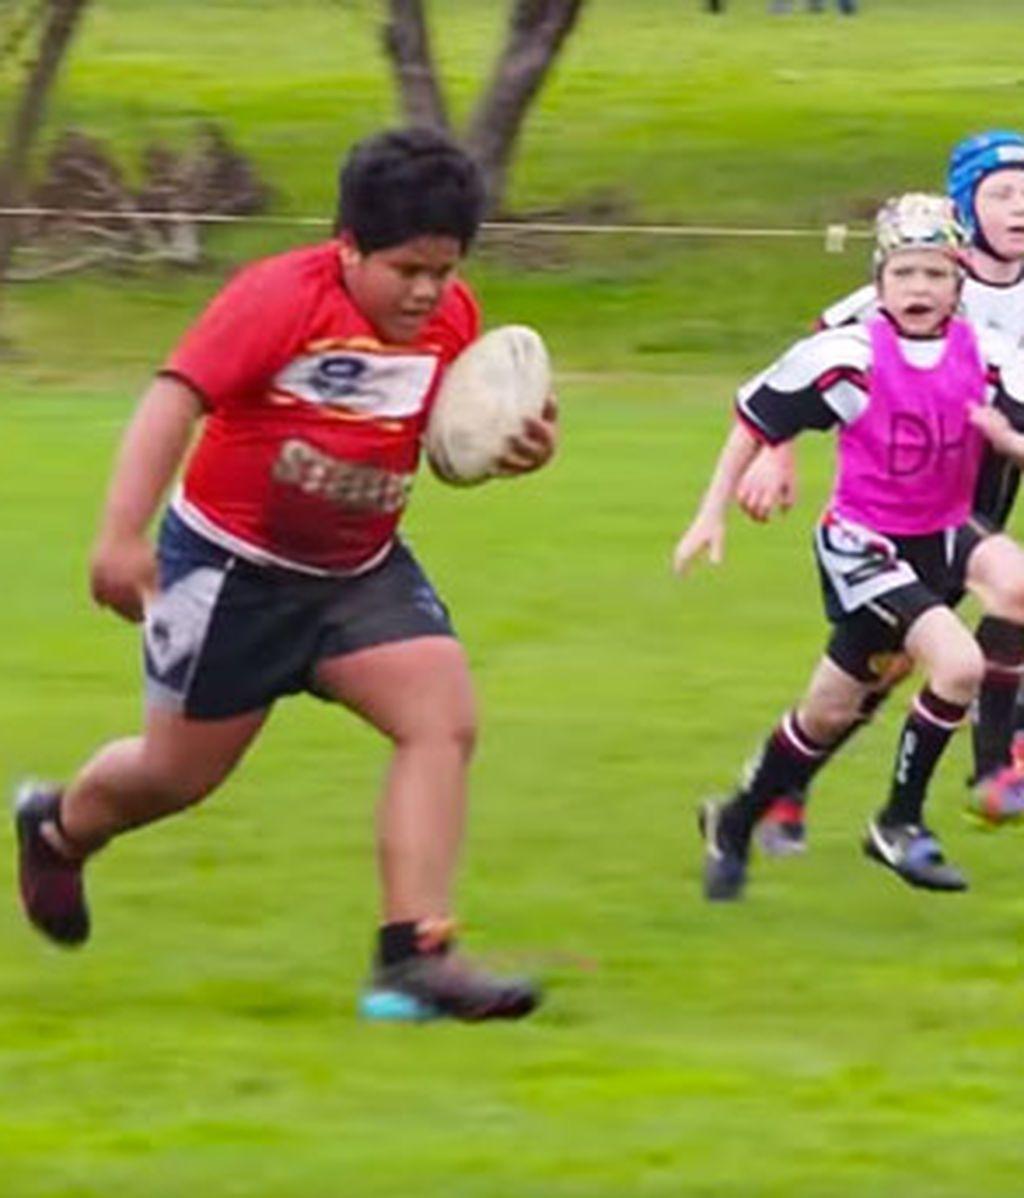 nino-bestia-rugby